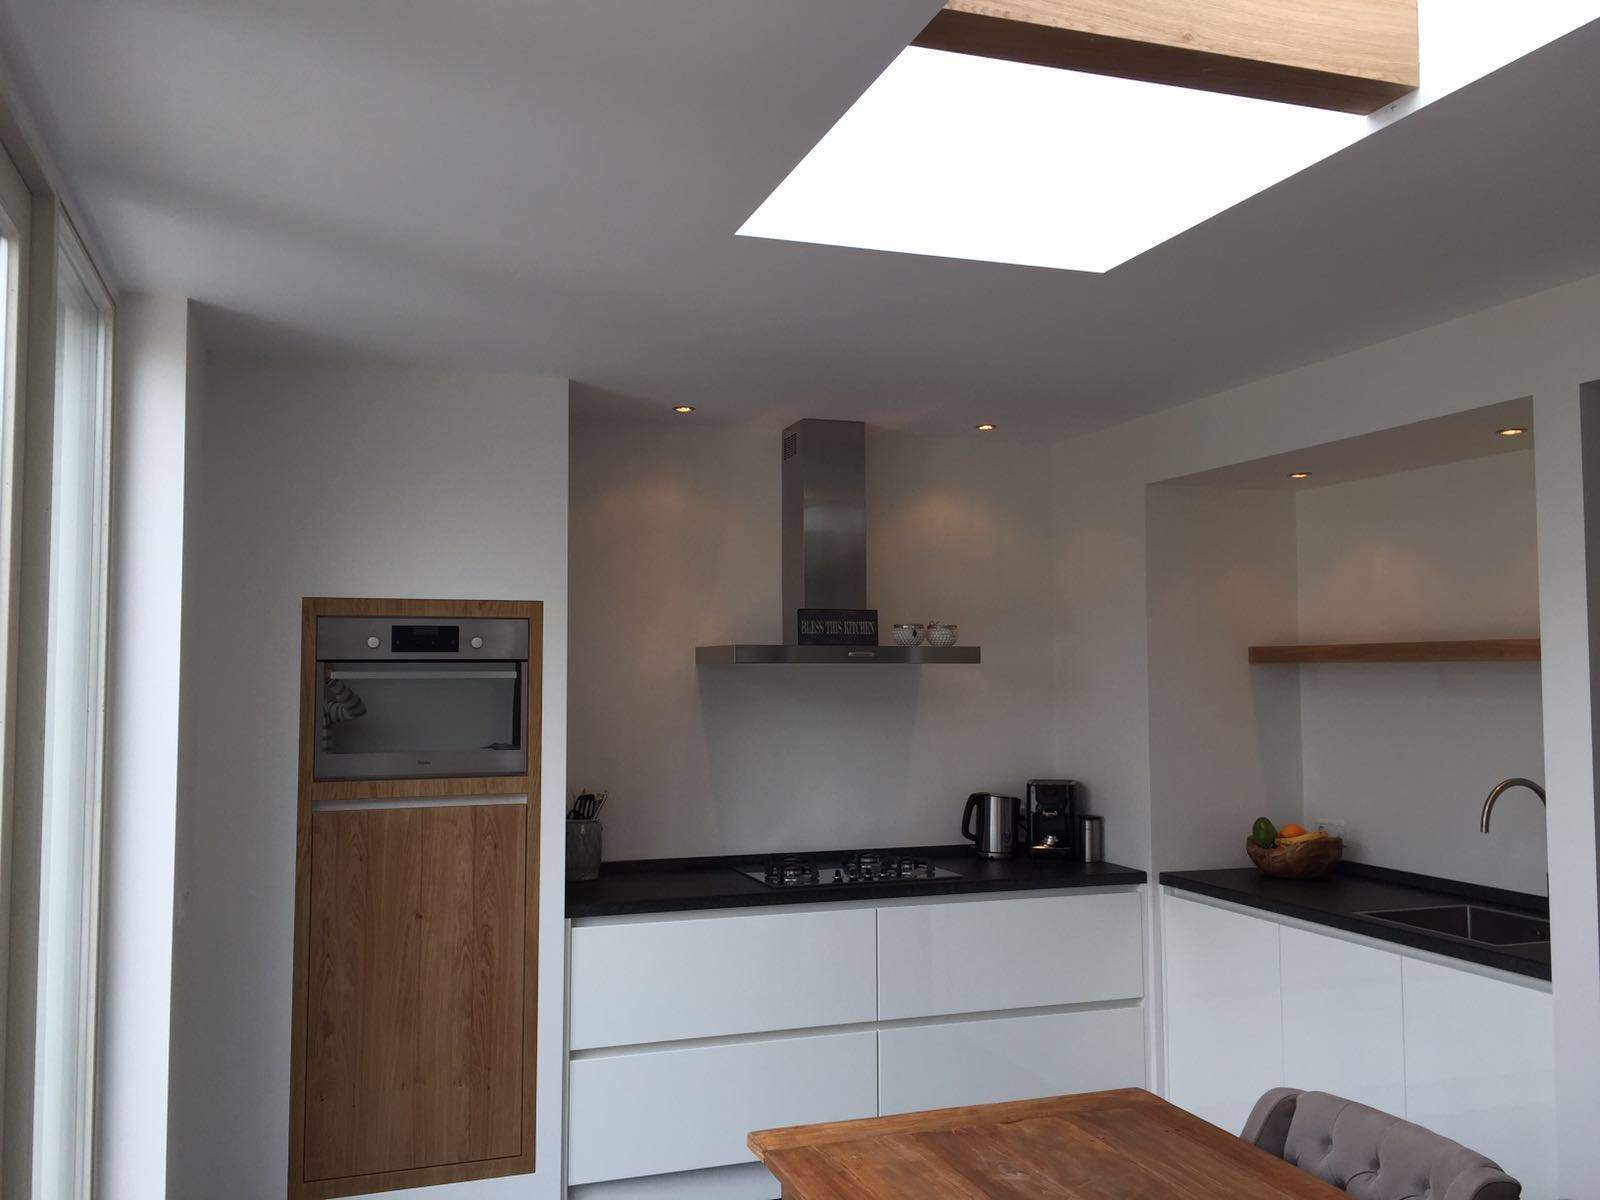 Greeploze keuken met houtelementen van doren maatinterieurs - Witte keuken en hout ...